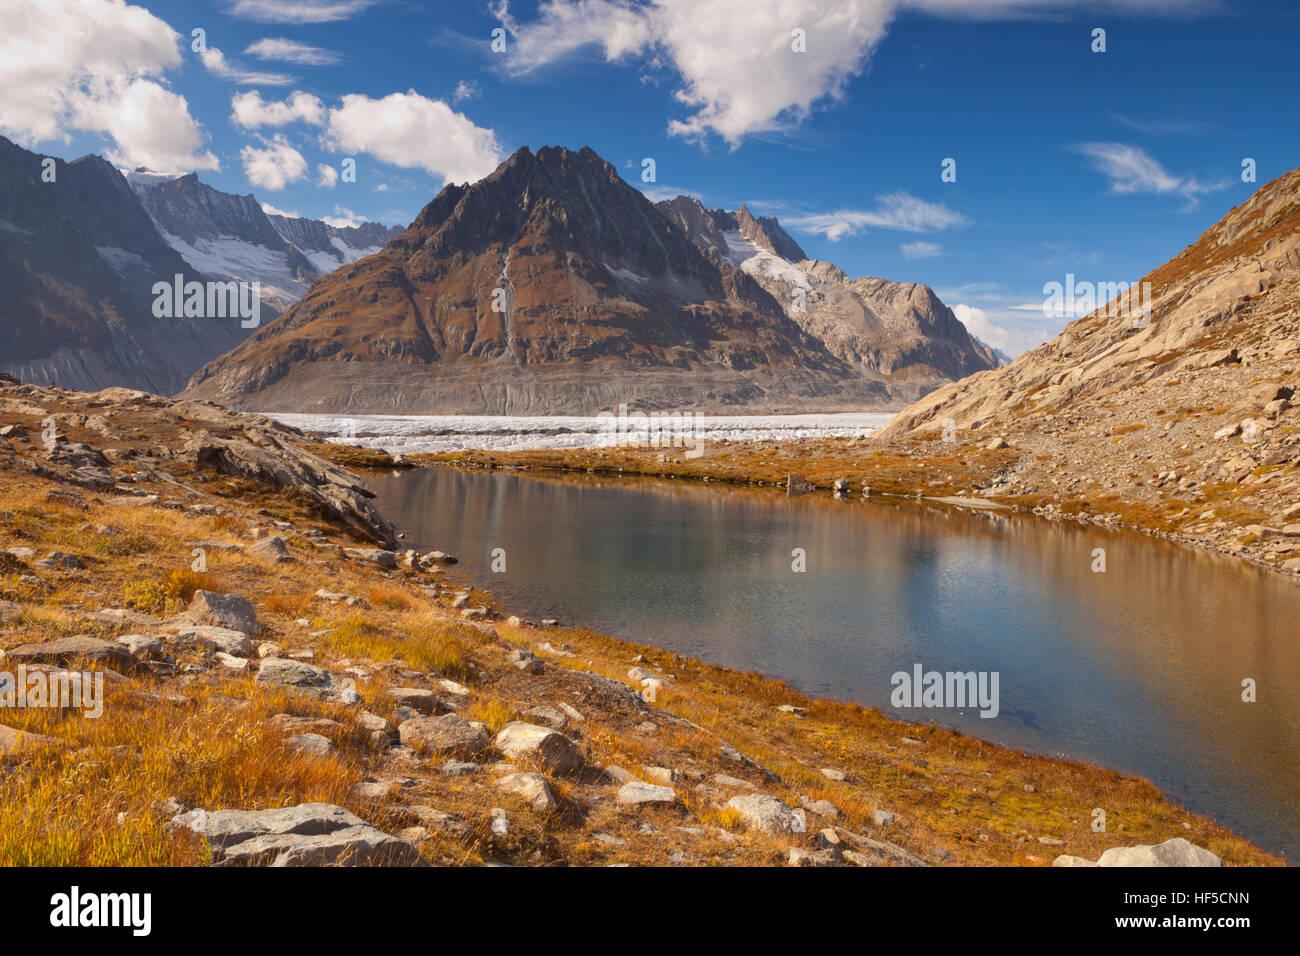 Un petit lac le long du glacier dans les Alpes suisses. Photo Stock